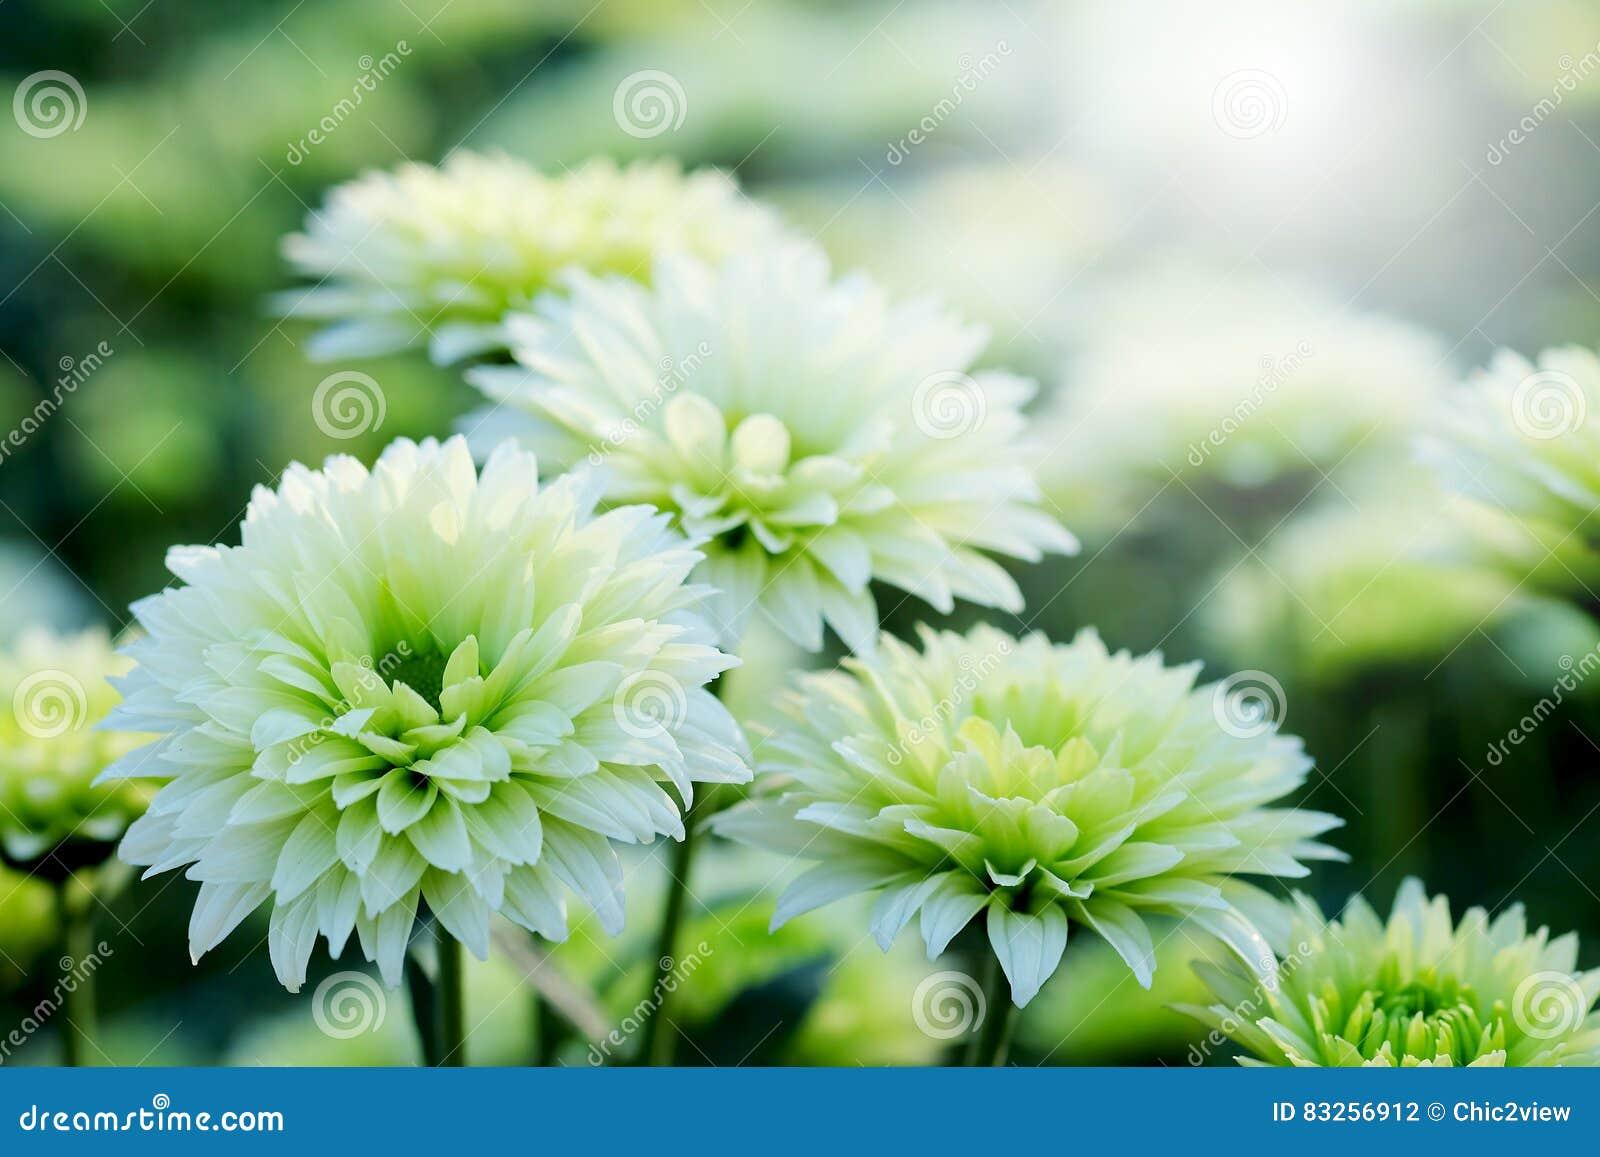 Crisantemo bianco nel fondo di agricoltura del giardino floreale con il fuoco molle